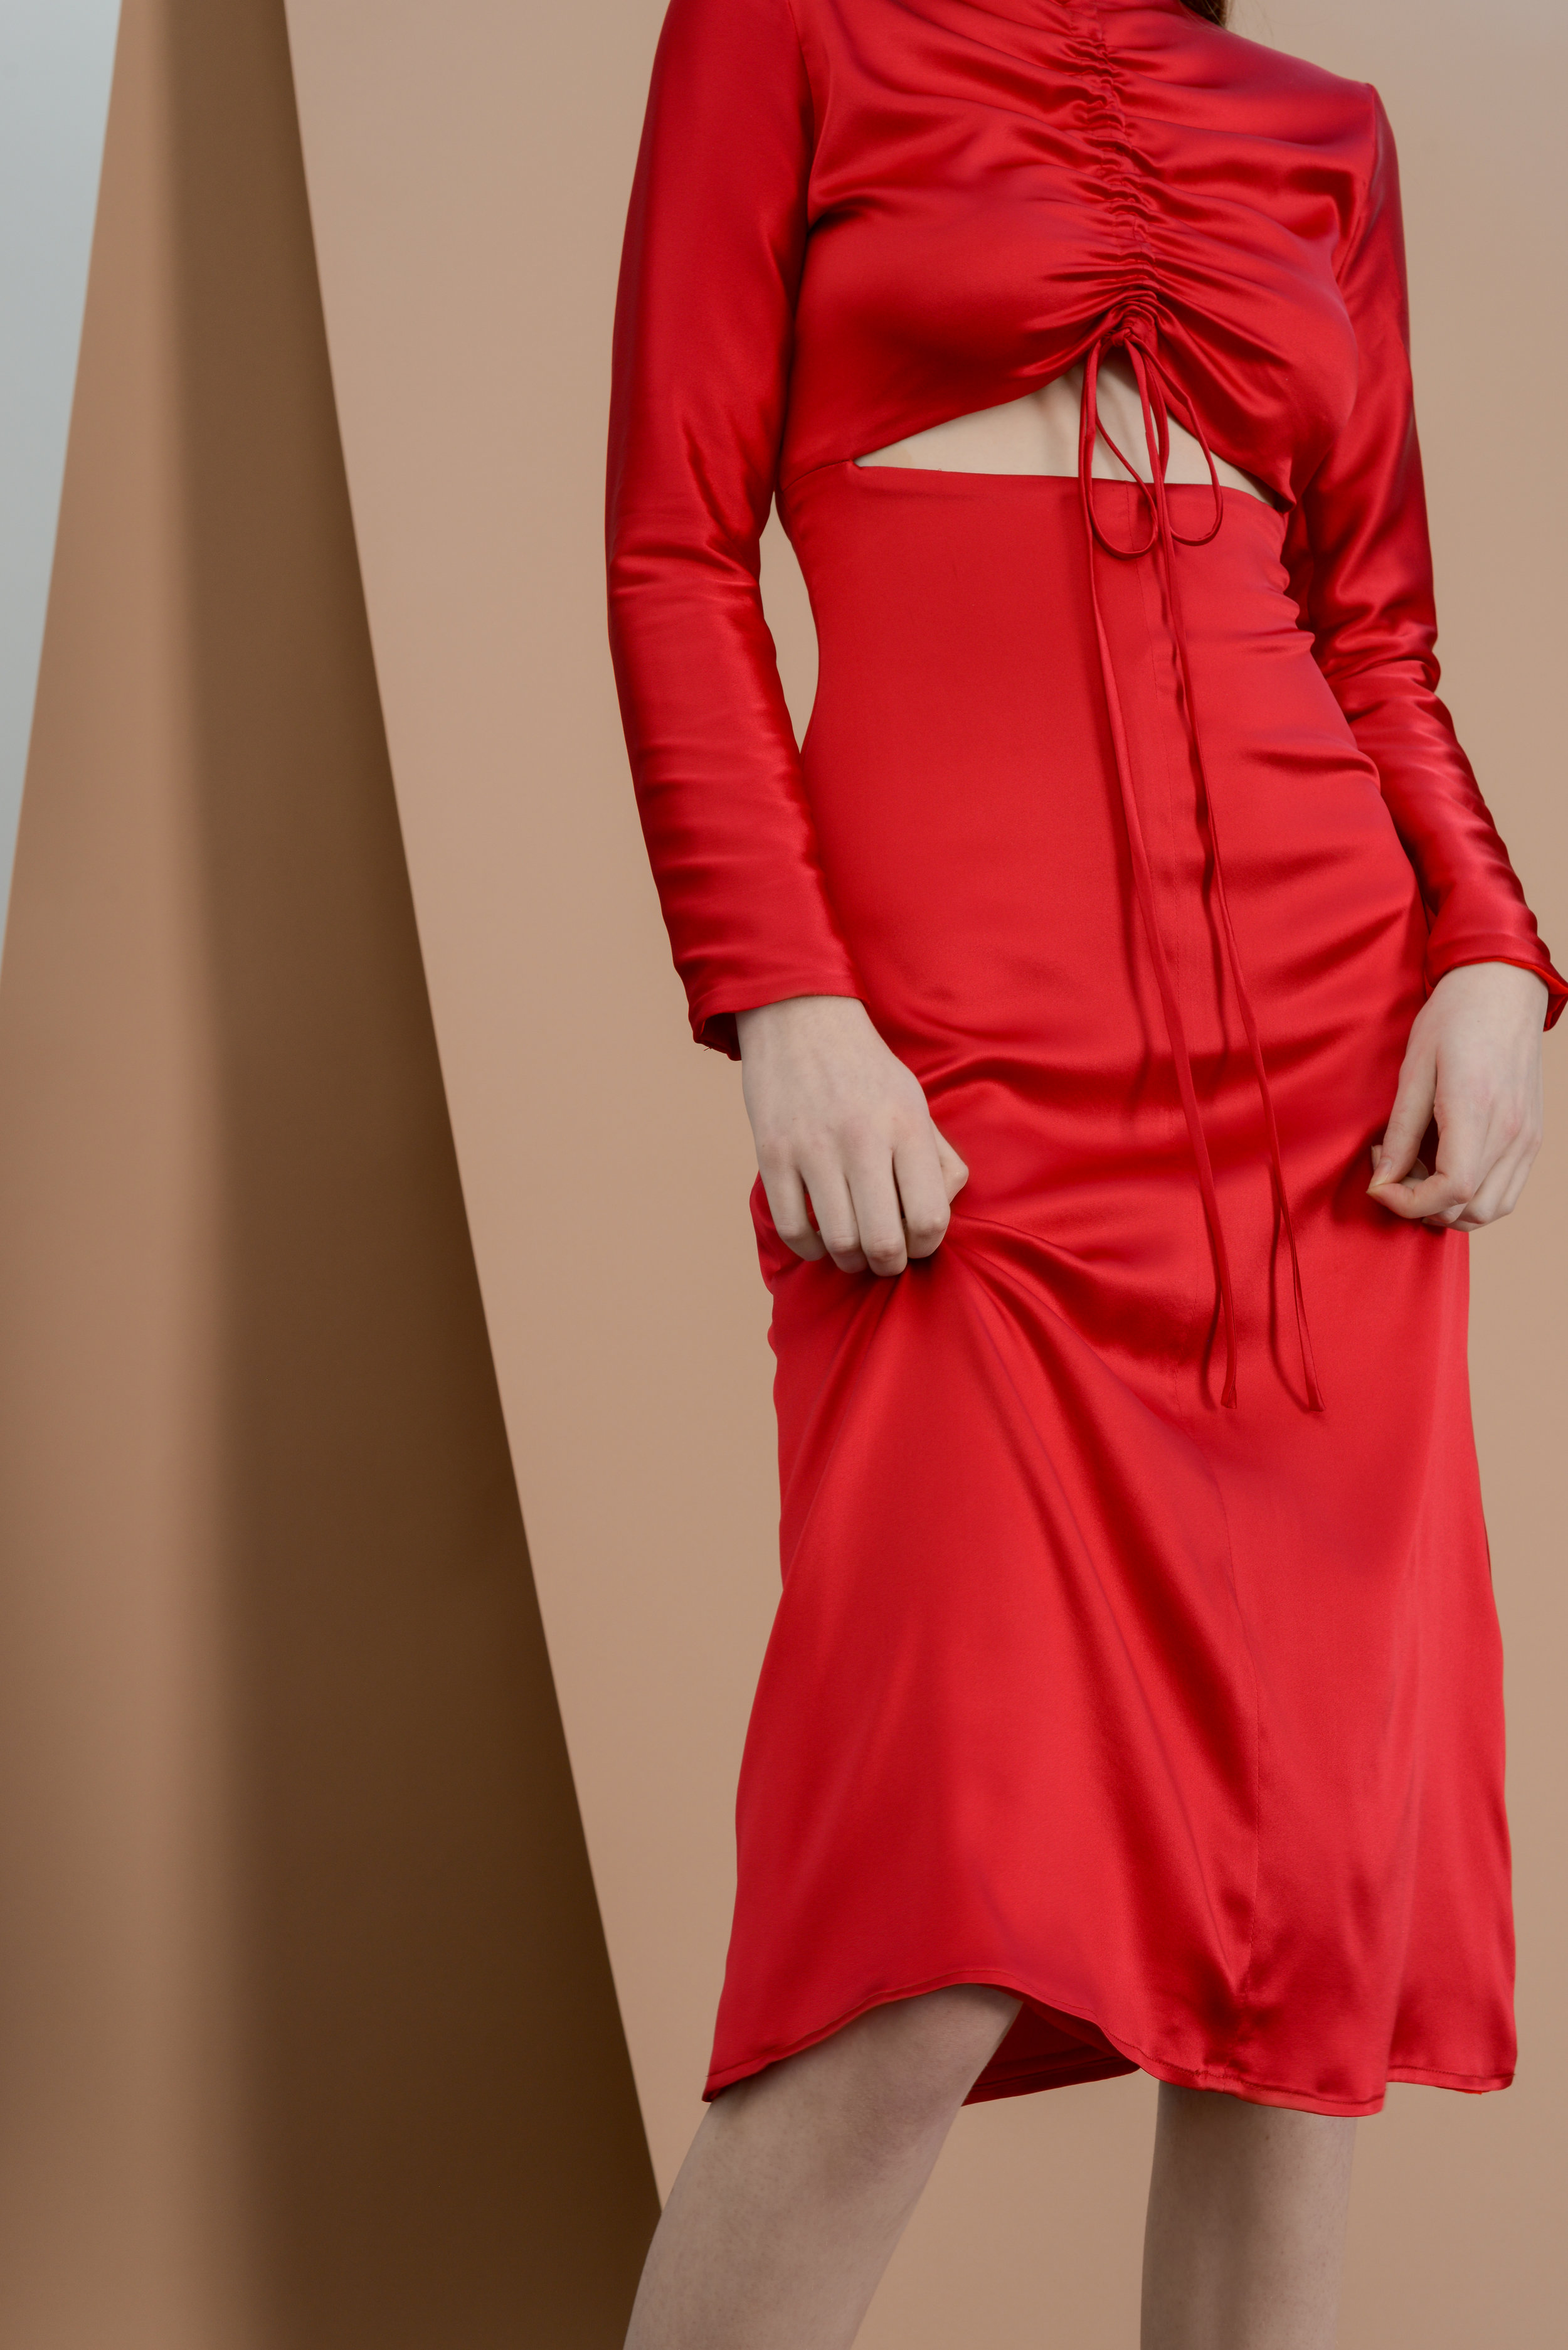 Clell dress - Bixbite red